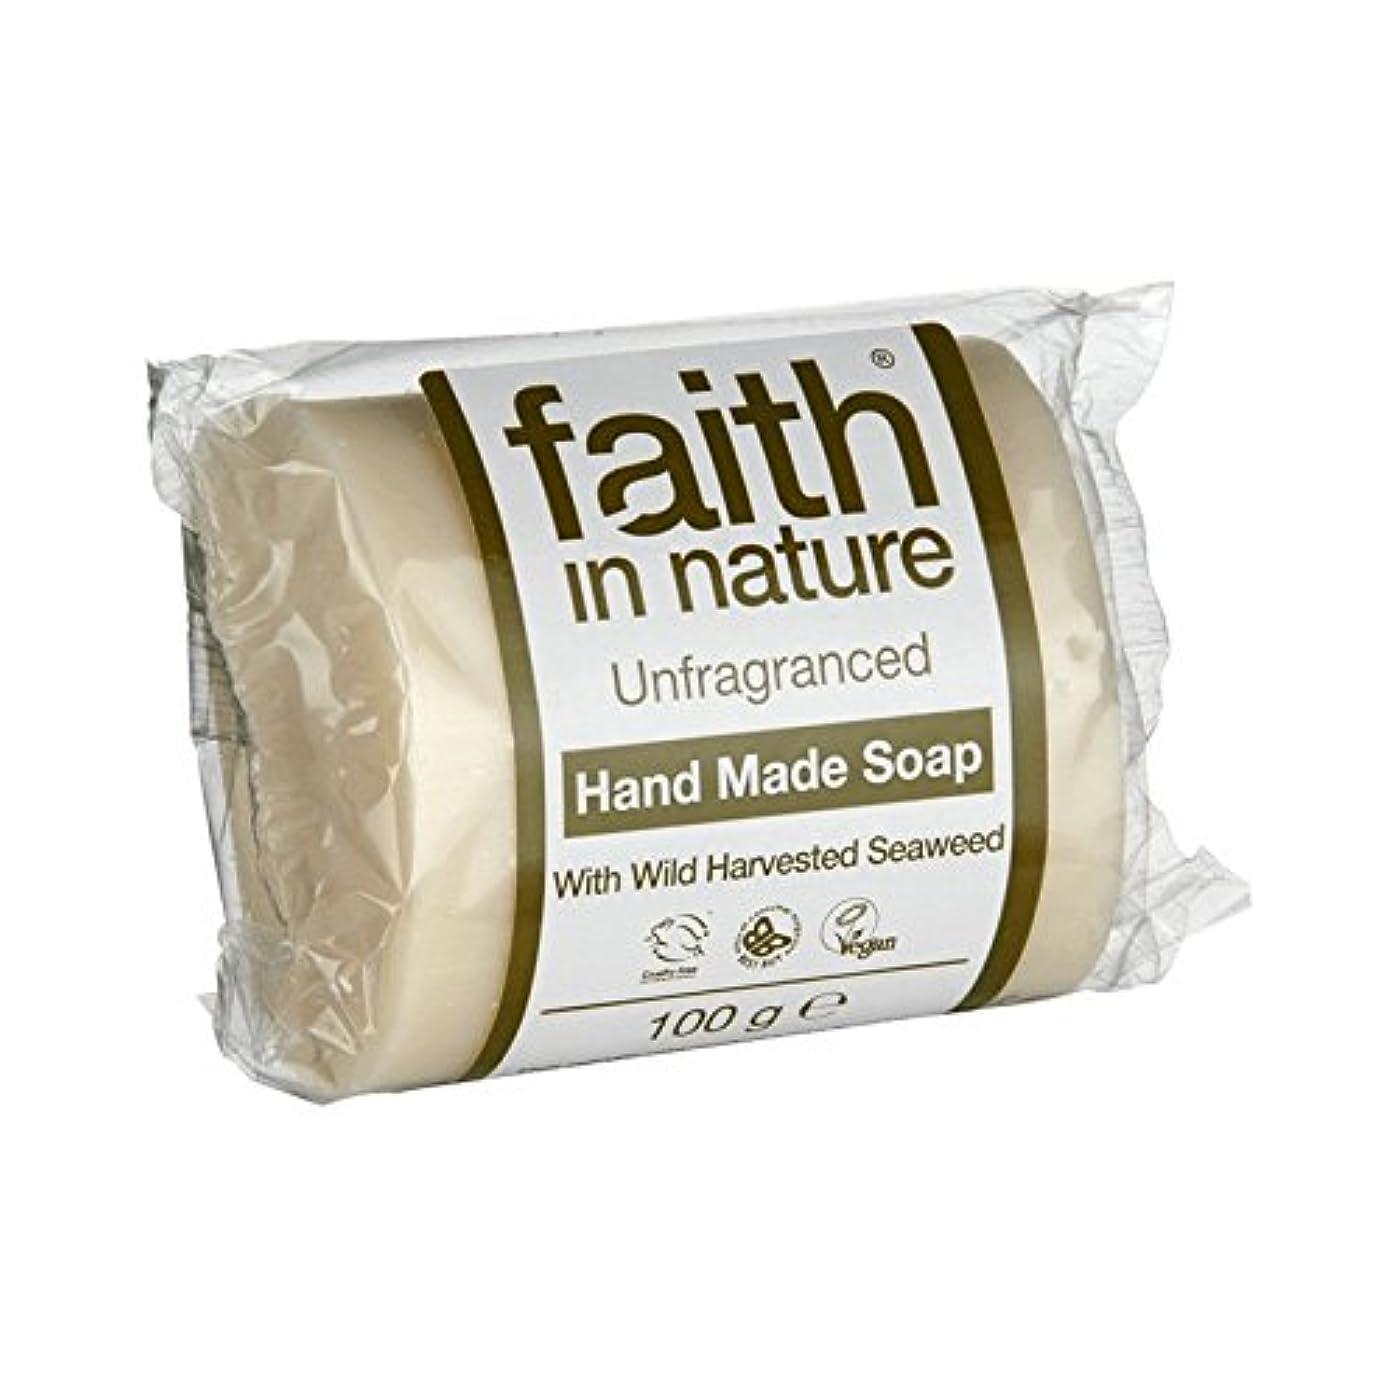 靴下り恋人自然無香料海藻石鹸100グラムの信仰 - Faith in Nature Unfragranced Seaweed Soap 100g (Faith in Nature) [並行輸入品]